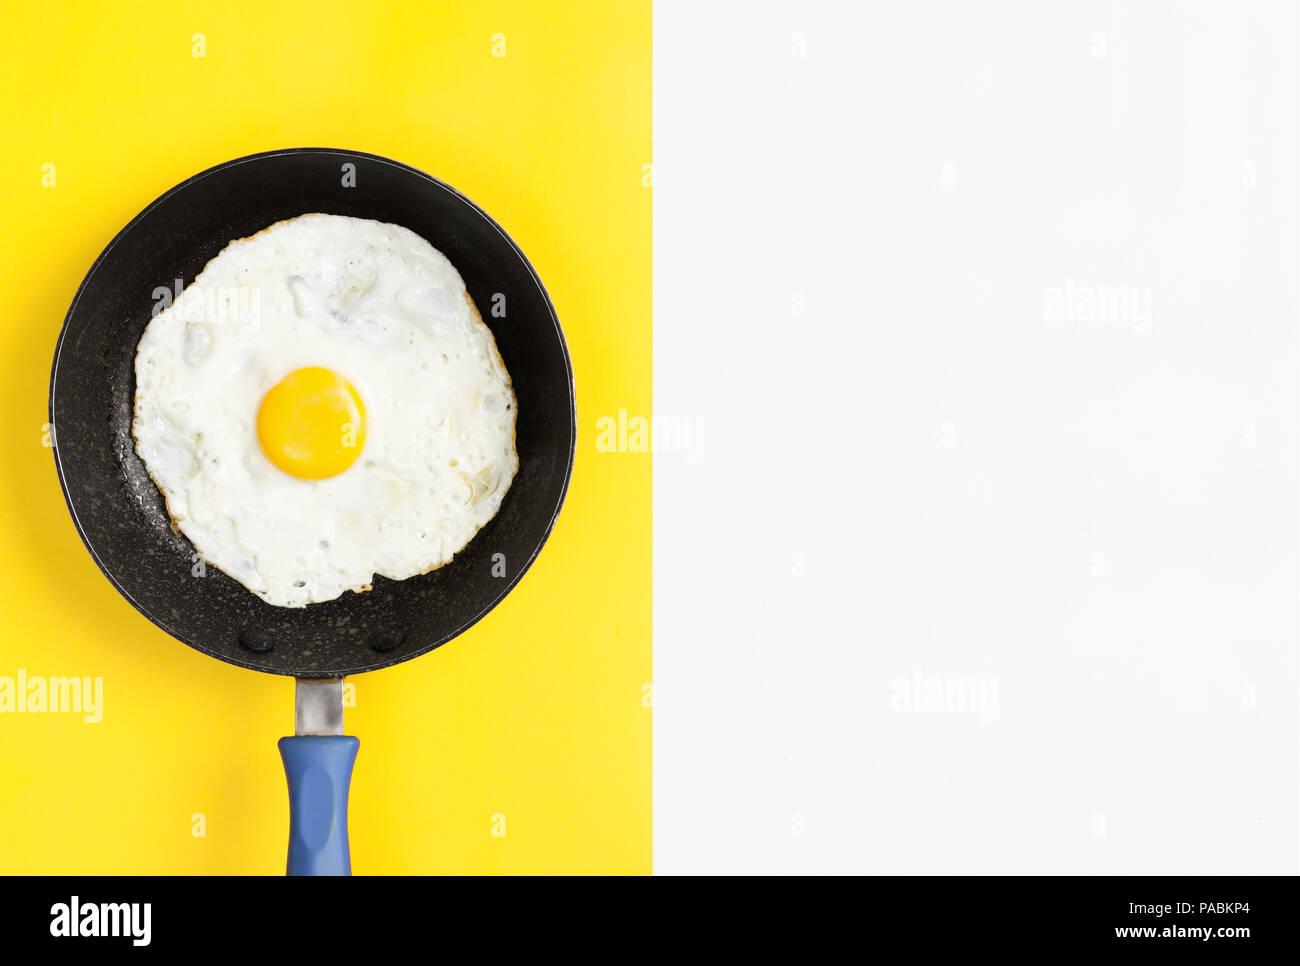 Huevo cocido fresco en una sartén sobre la división del color amarillo y fondo blanco, laicos imagen plana. Foto de stock